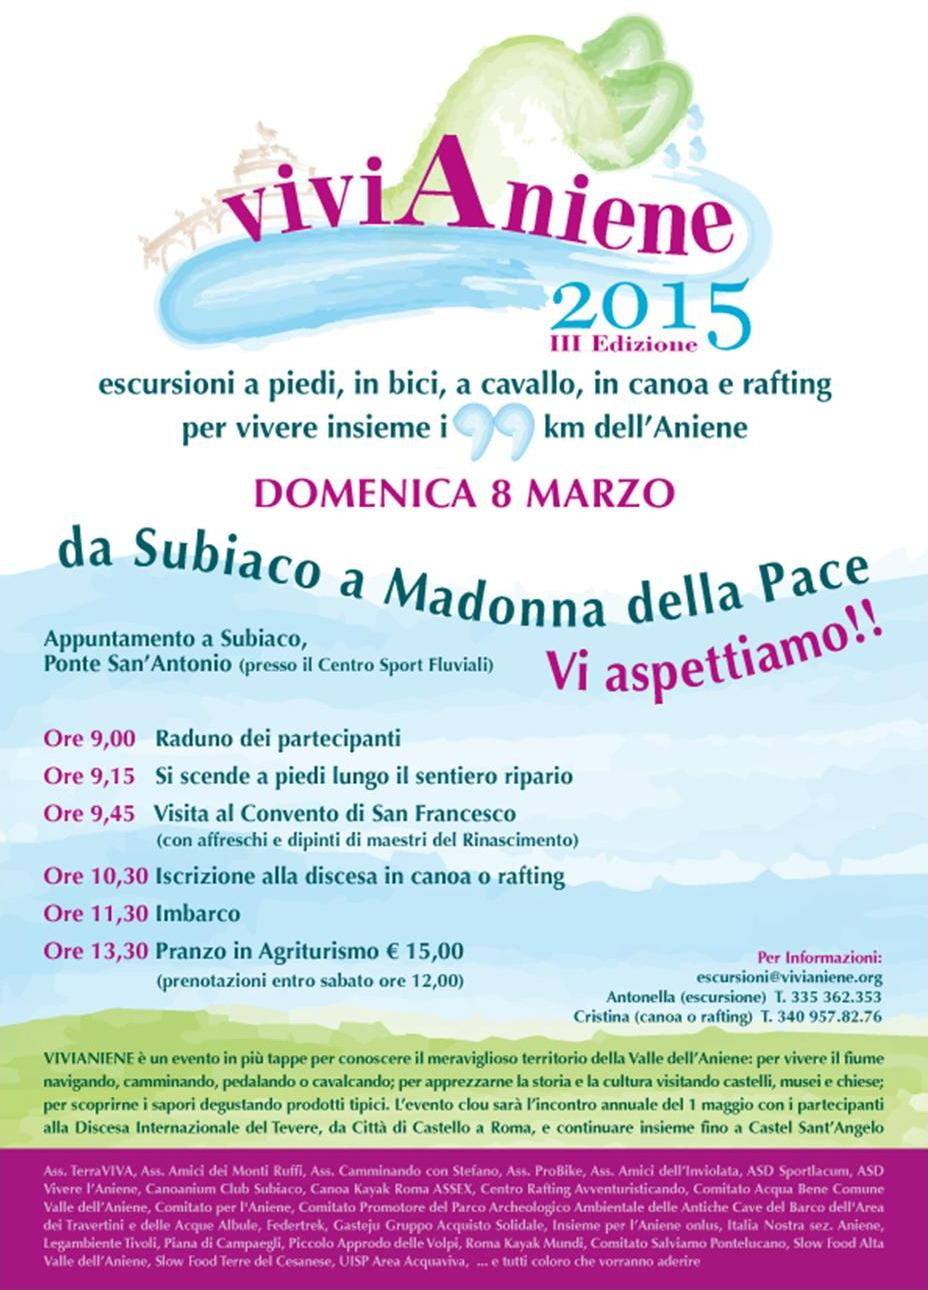 ViviAniene 2015 - Da Subiaco a Madonna della Pace